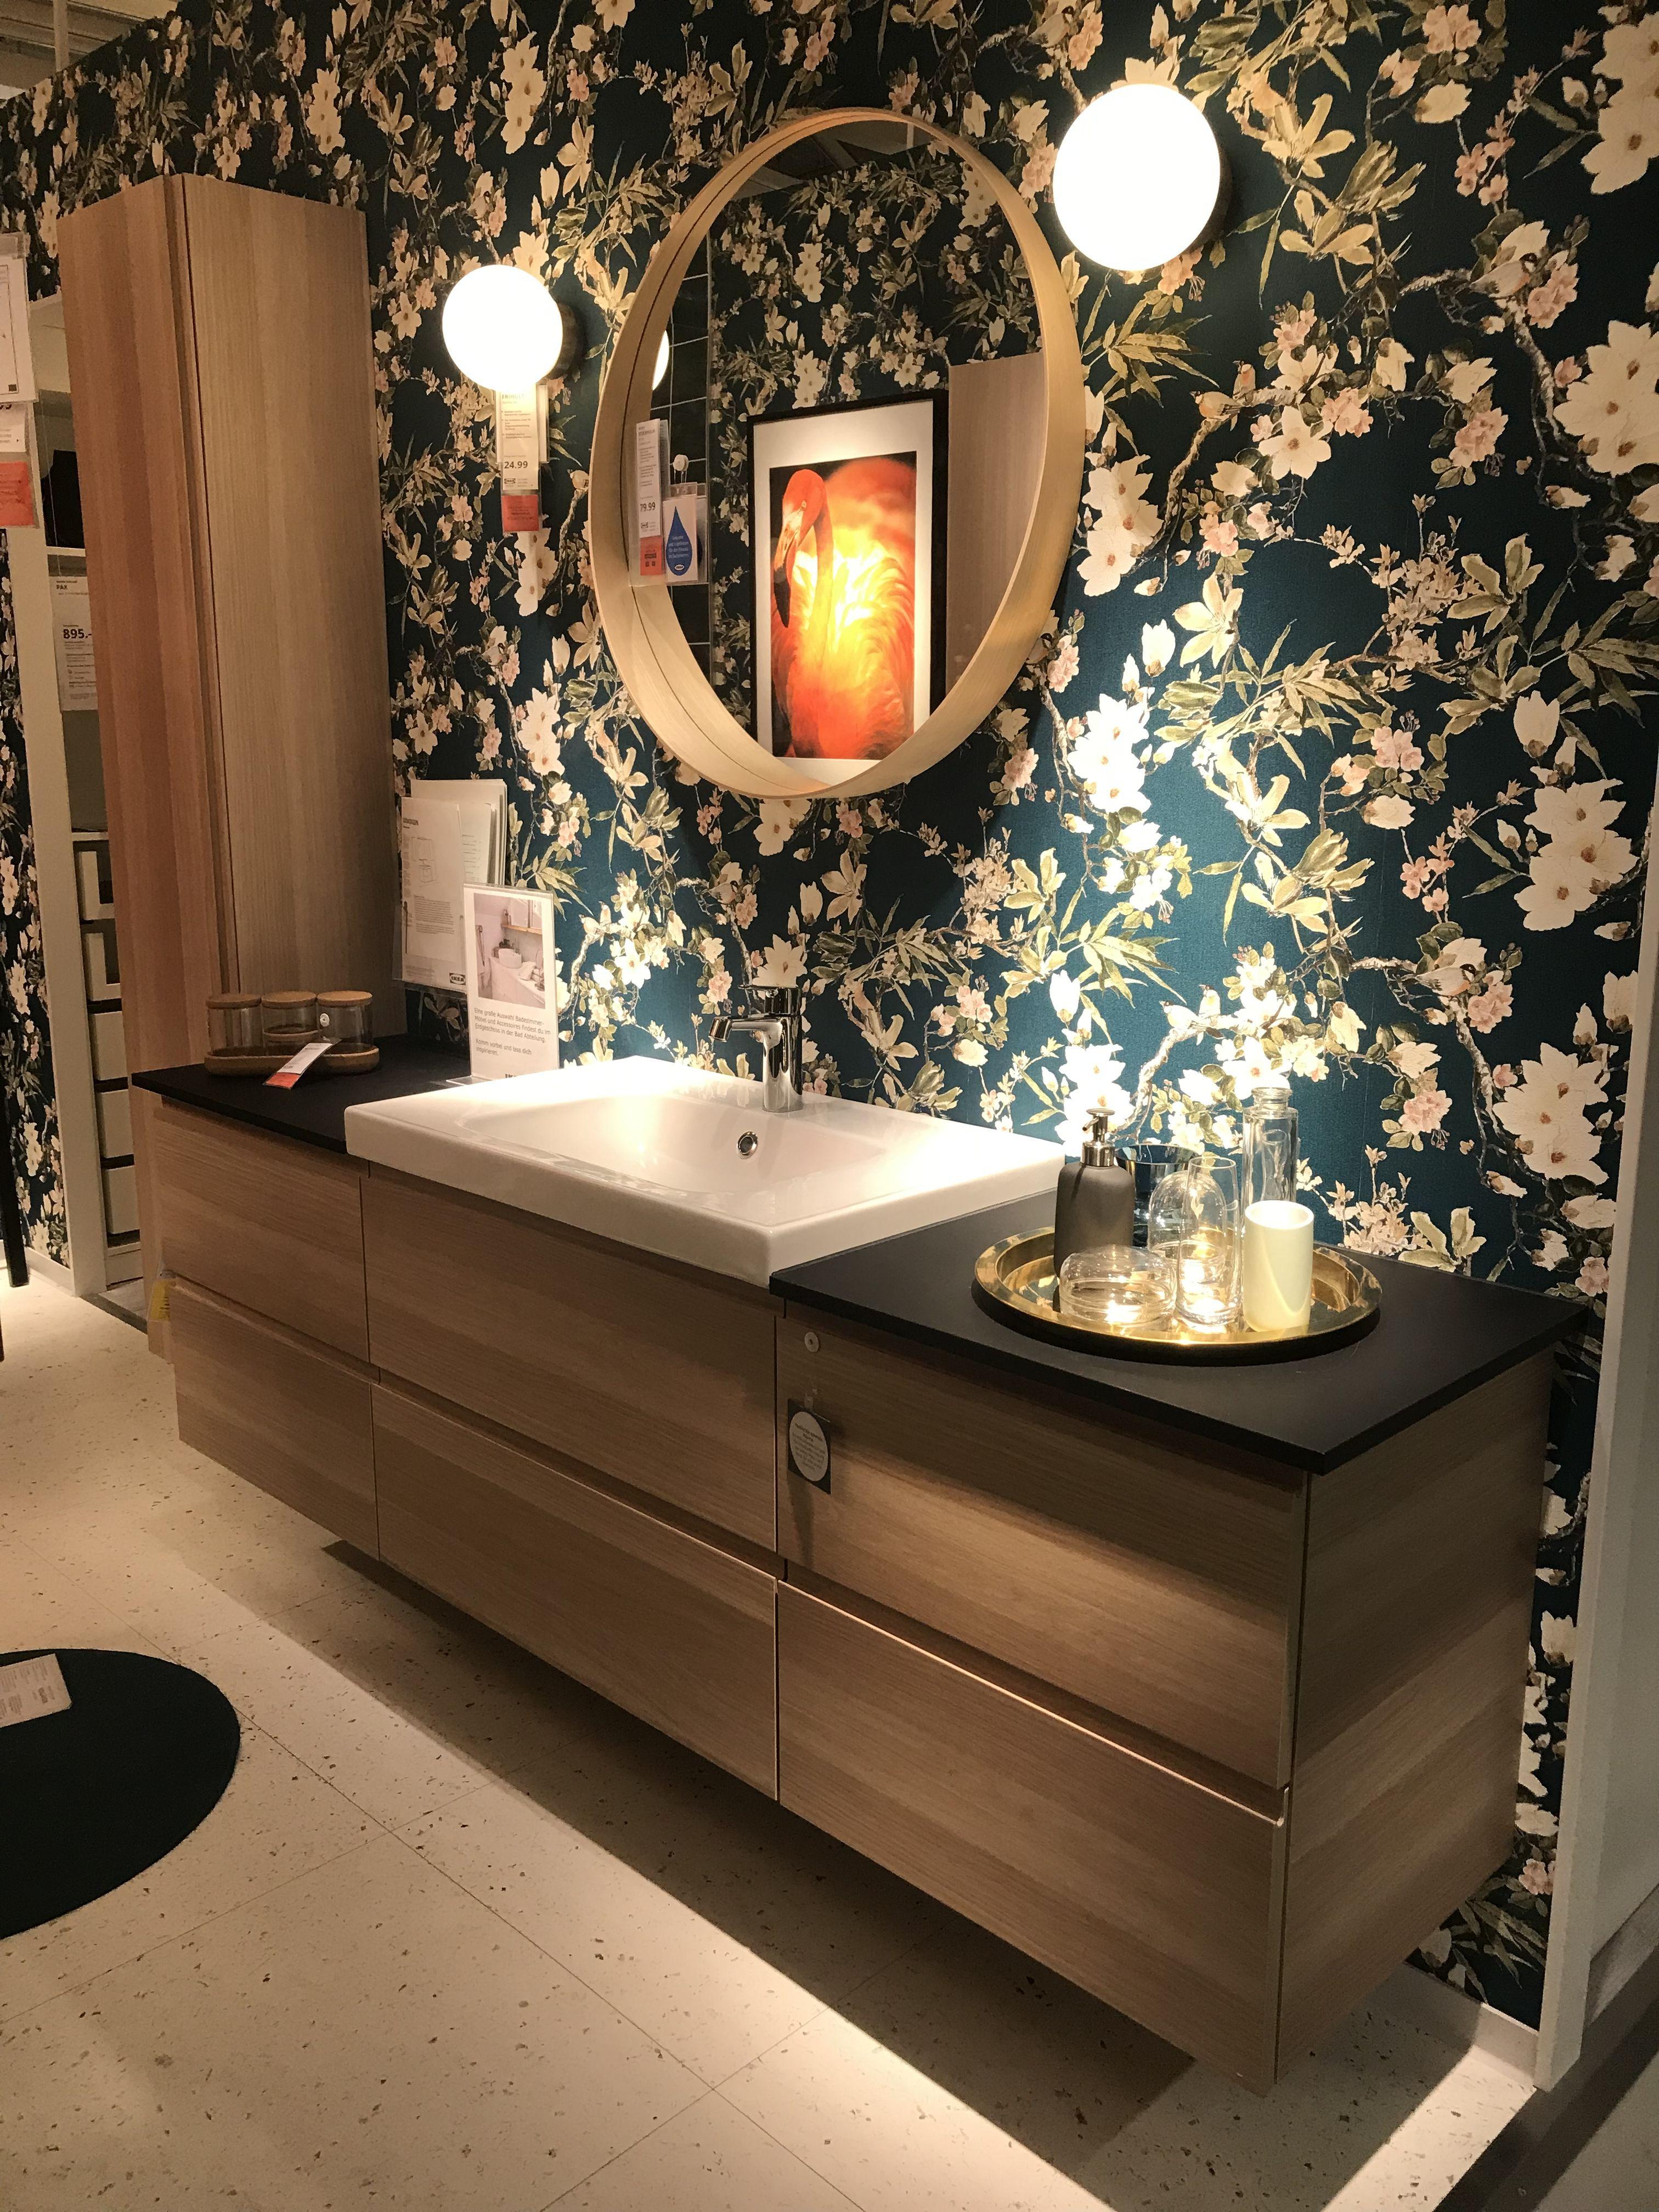 Badezimmer Idee Kommode Mit Waschbecken Flower Tapete Bad Inspiration Haus Einrichten Tapeten